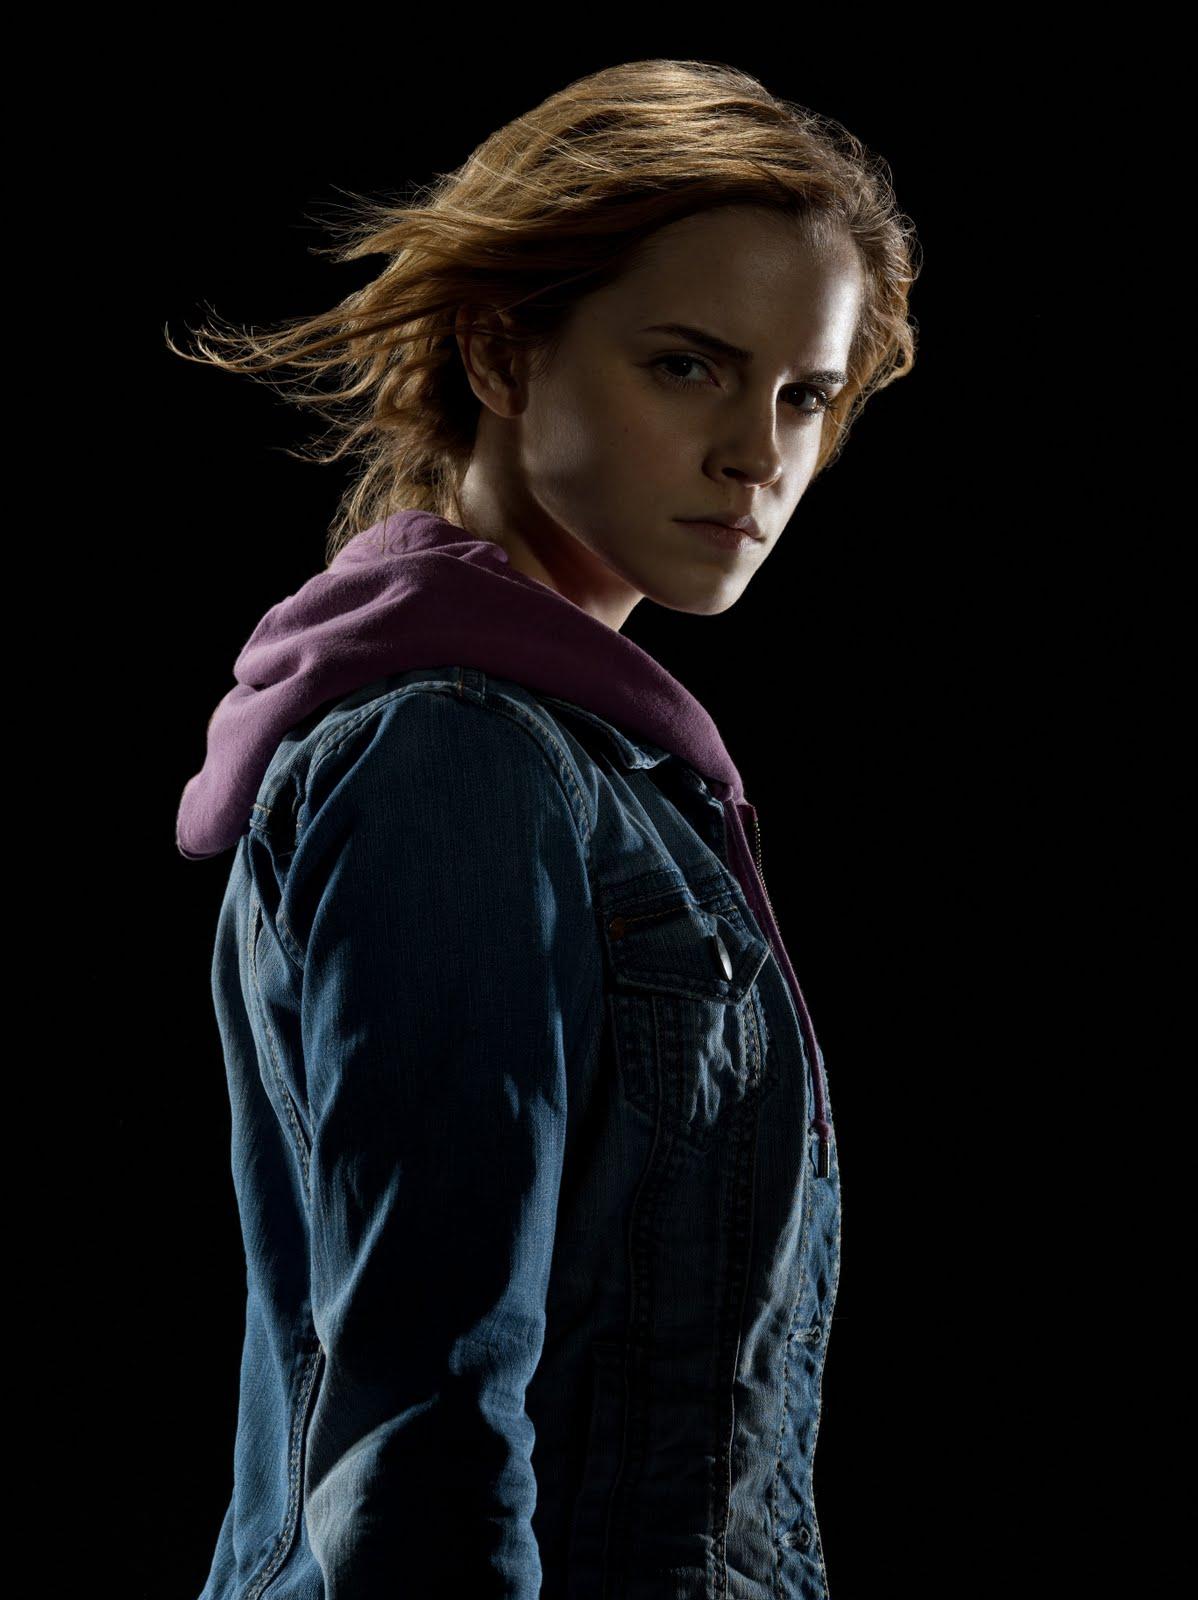 http://2.bp.blogspot.com/-tVx5U-7A0r8/TkLnFbFf_PI/AAAAAAAAEYQ/A5JFQBVB-Bg/s1600/Hp7.2_hermione.jpg